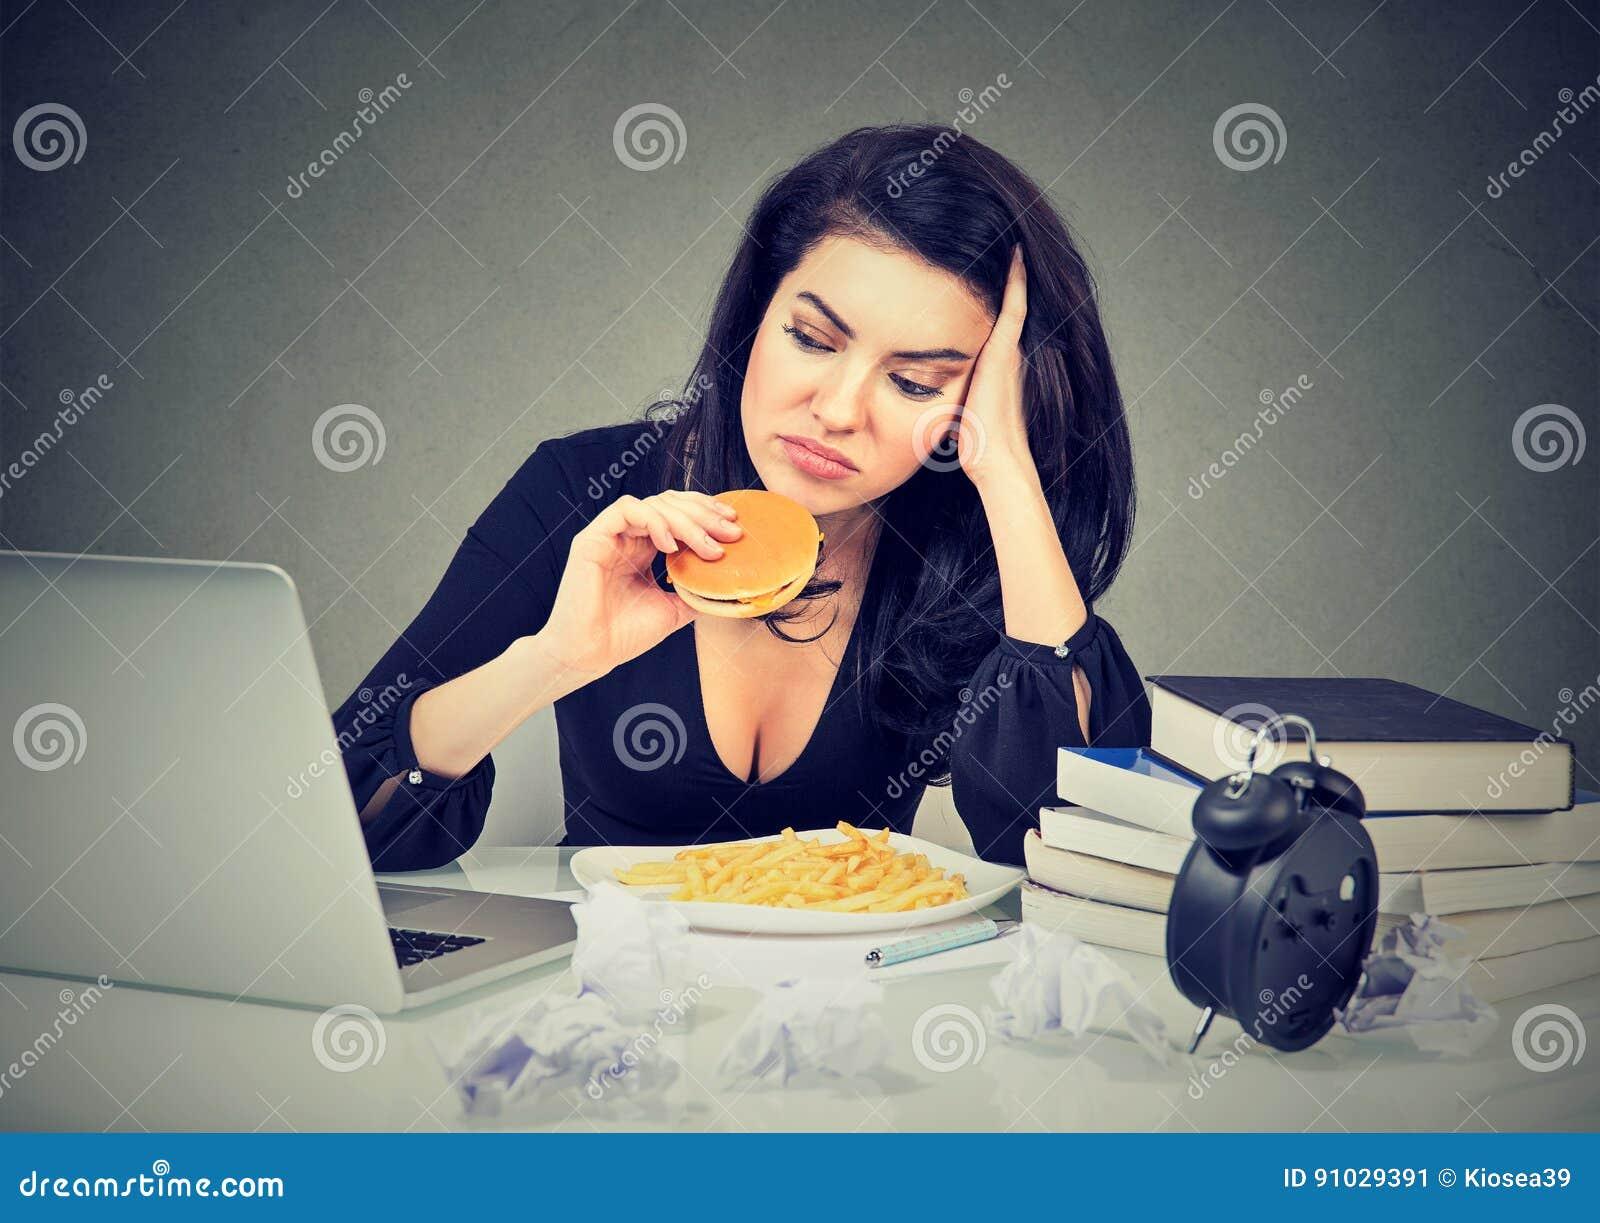 惯座生活方式和速食概念 坐在书桌的被注重的妇女吃汉堡包